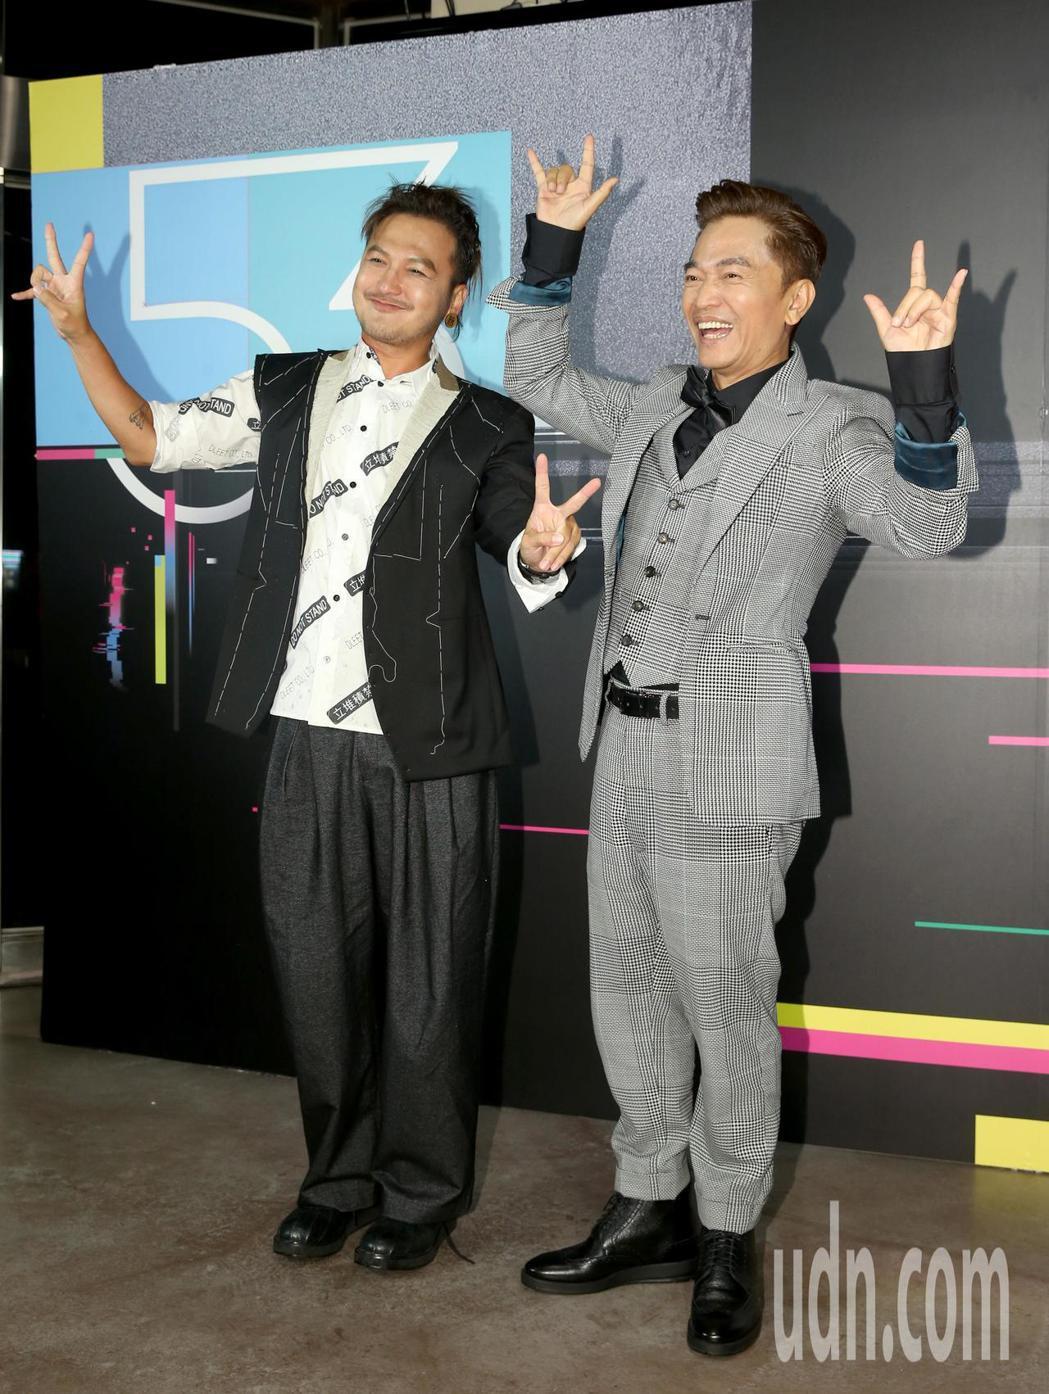 KID(左)與吳宗憲(右)獲第53屆金鐘獎益智及實境節目主持人獎,在三立慶功宴上